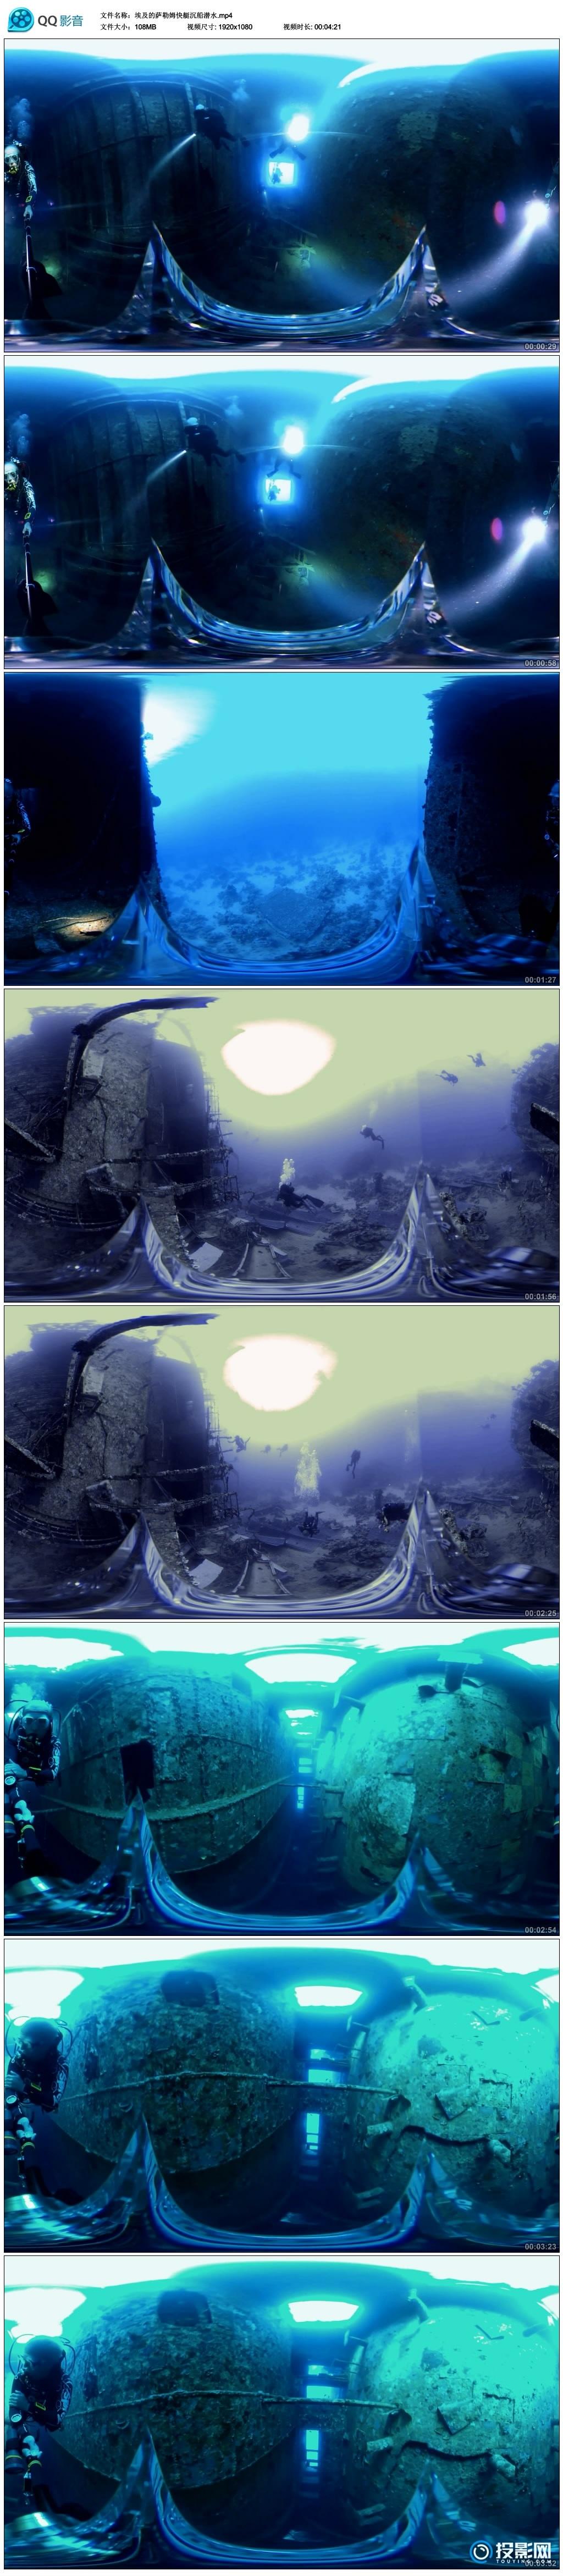 [VR360°全景] 埃及的萨勒姆快艇沉船潜水 VR视频下载